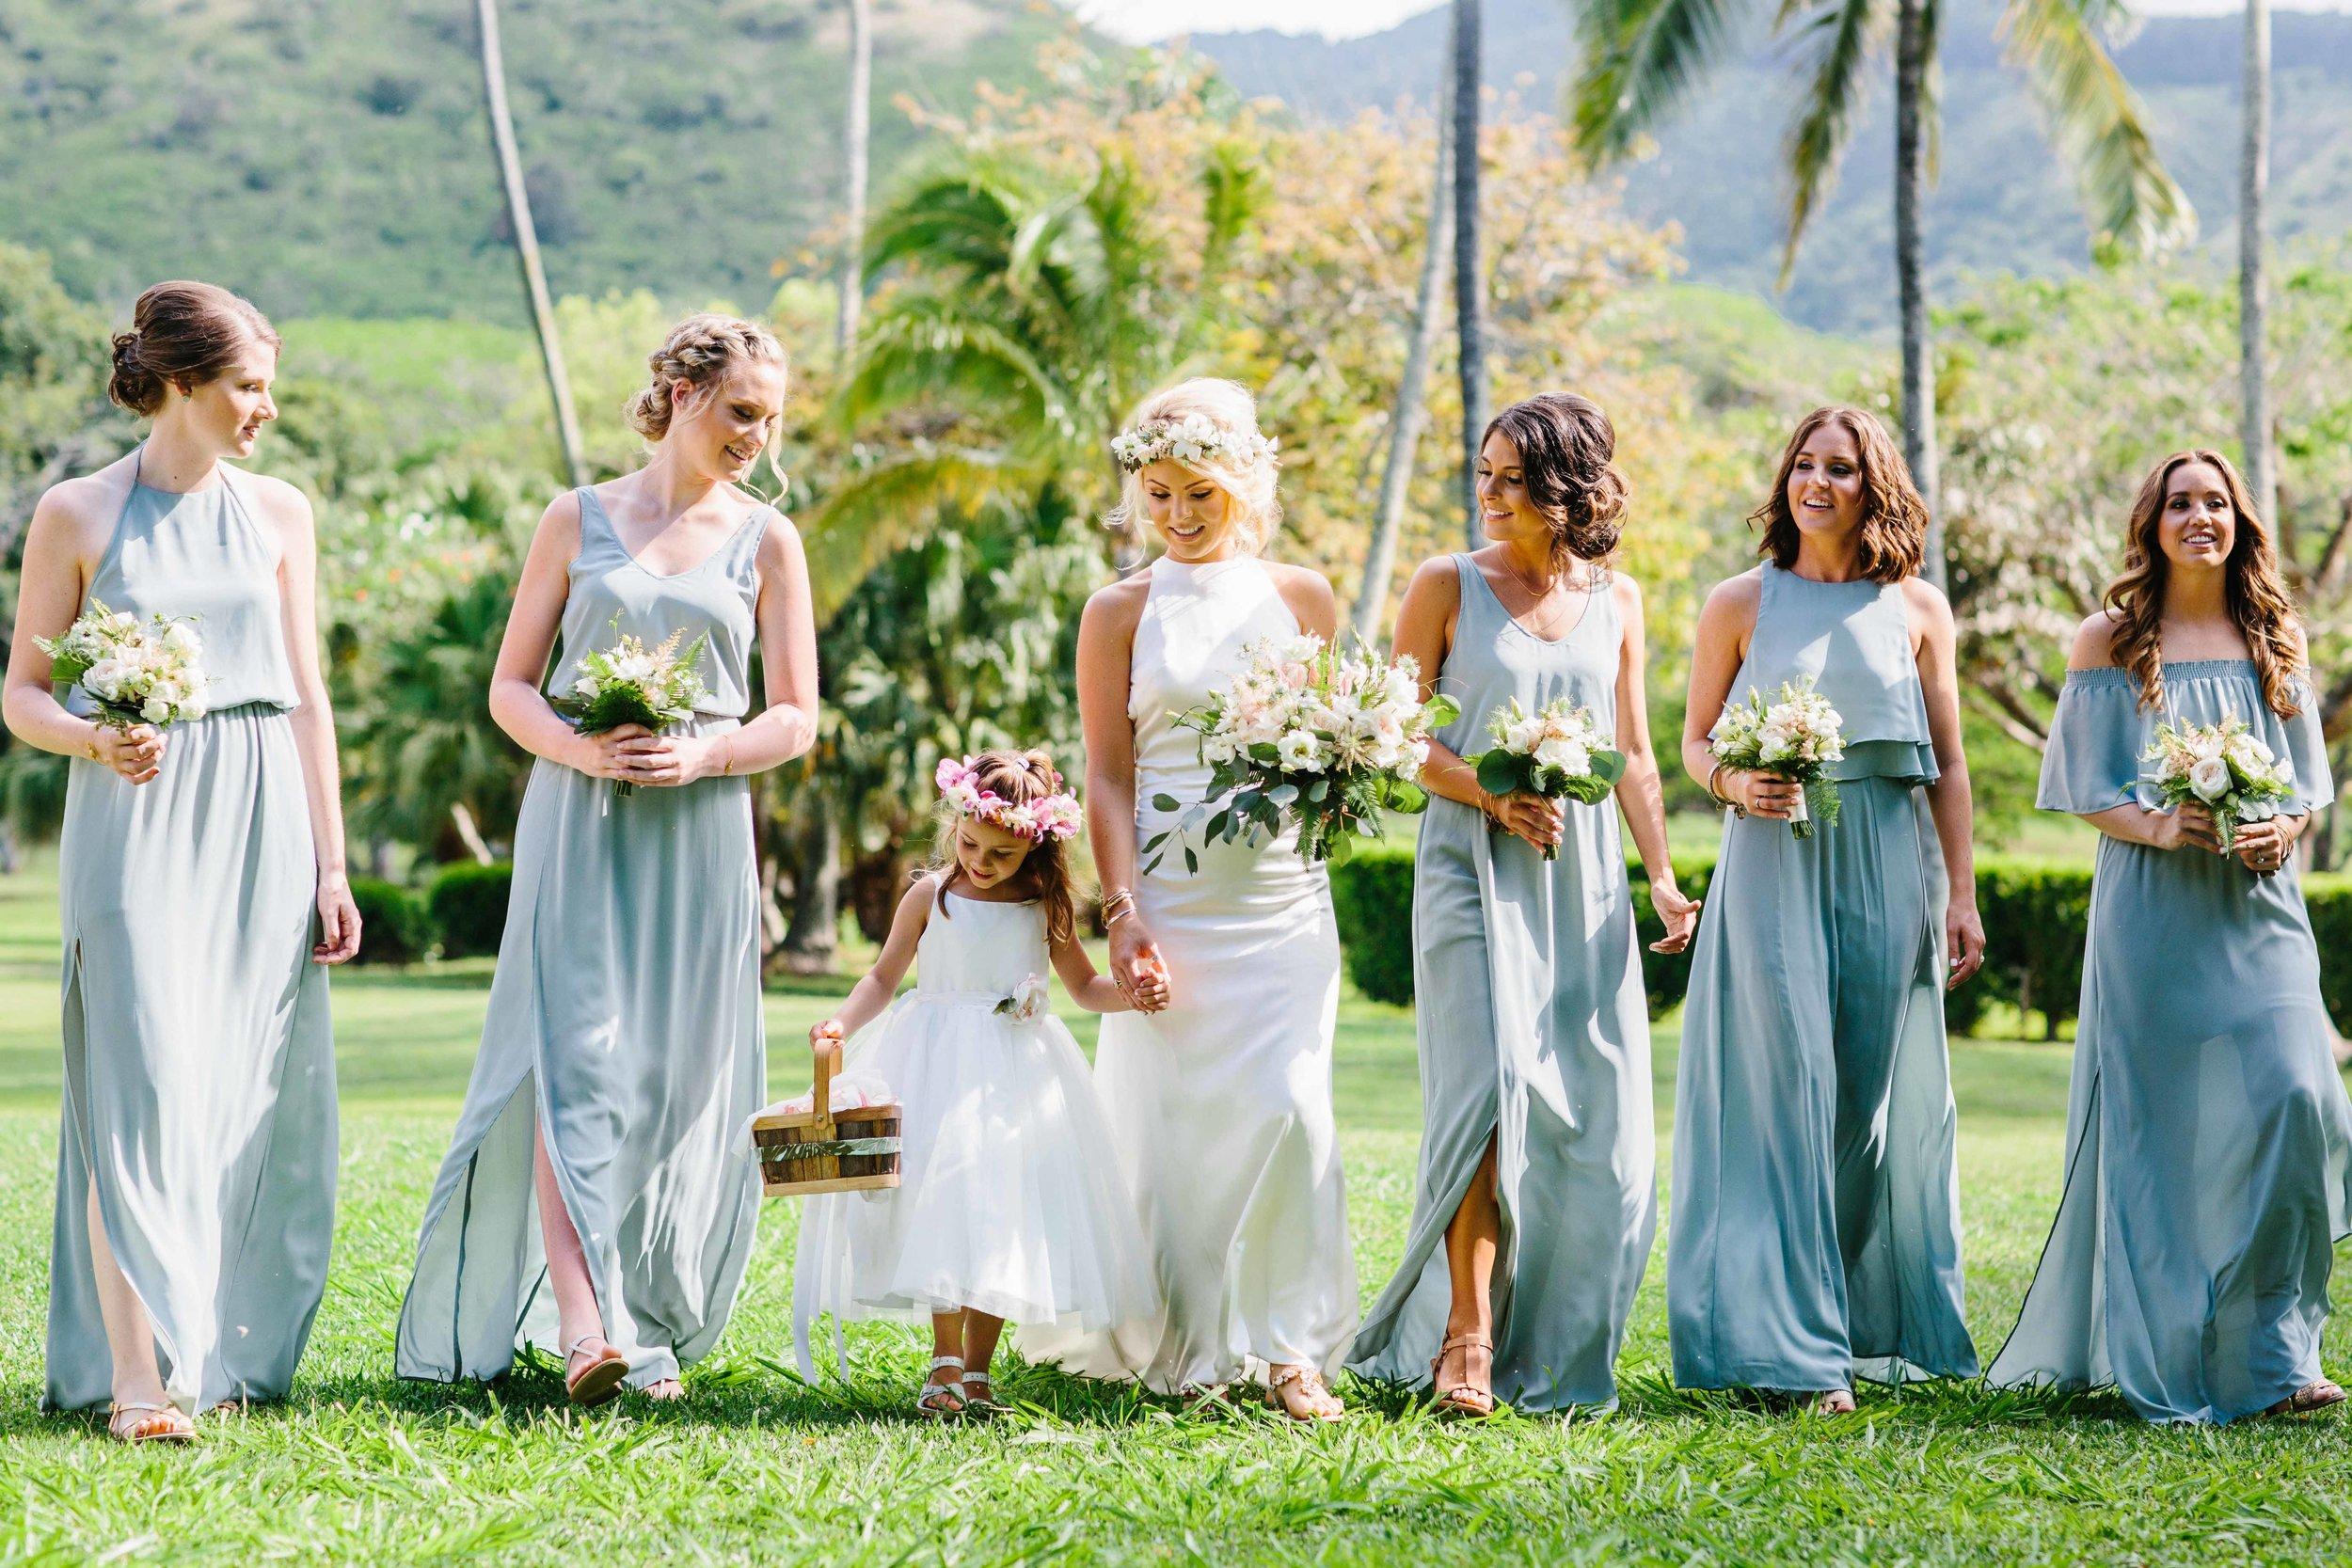 Bridesmaids Stick Together Hawaii photography.